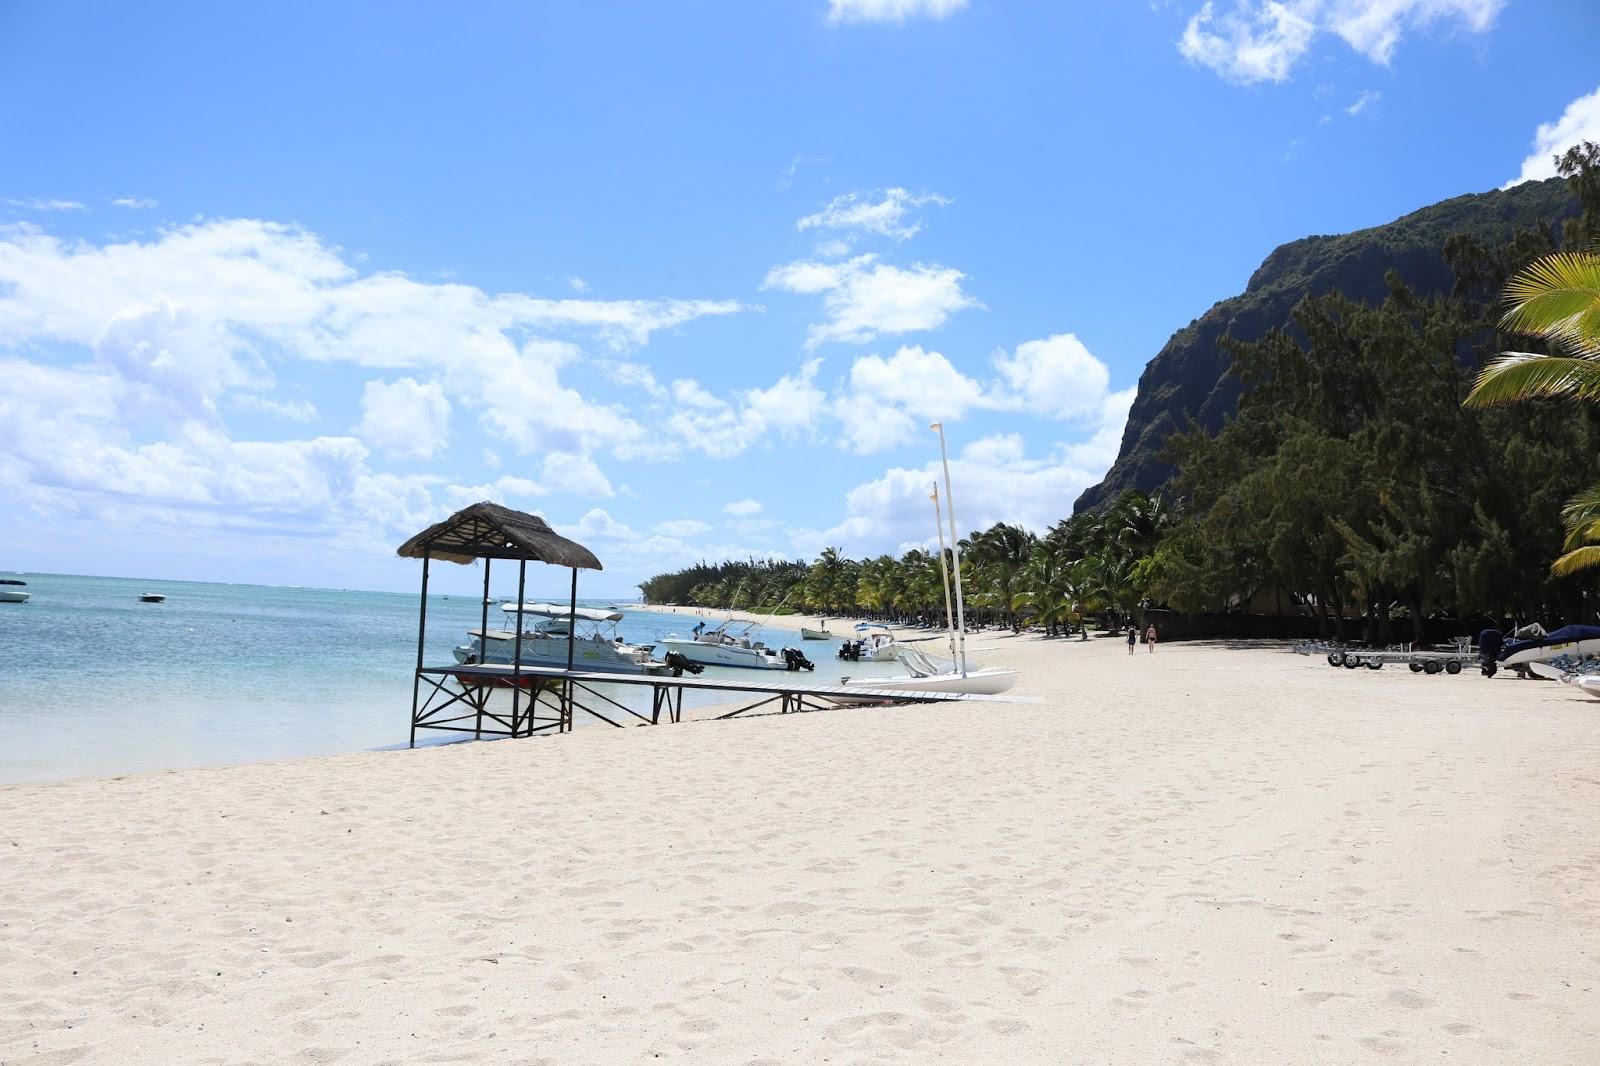 St Regis Beach Mauritius